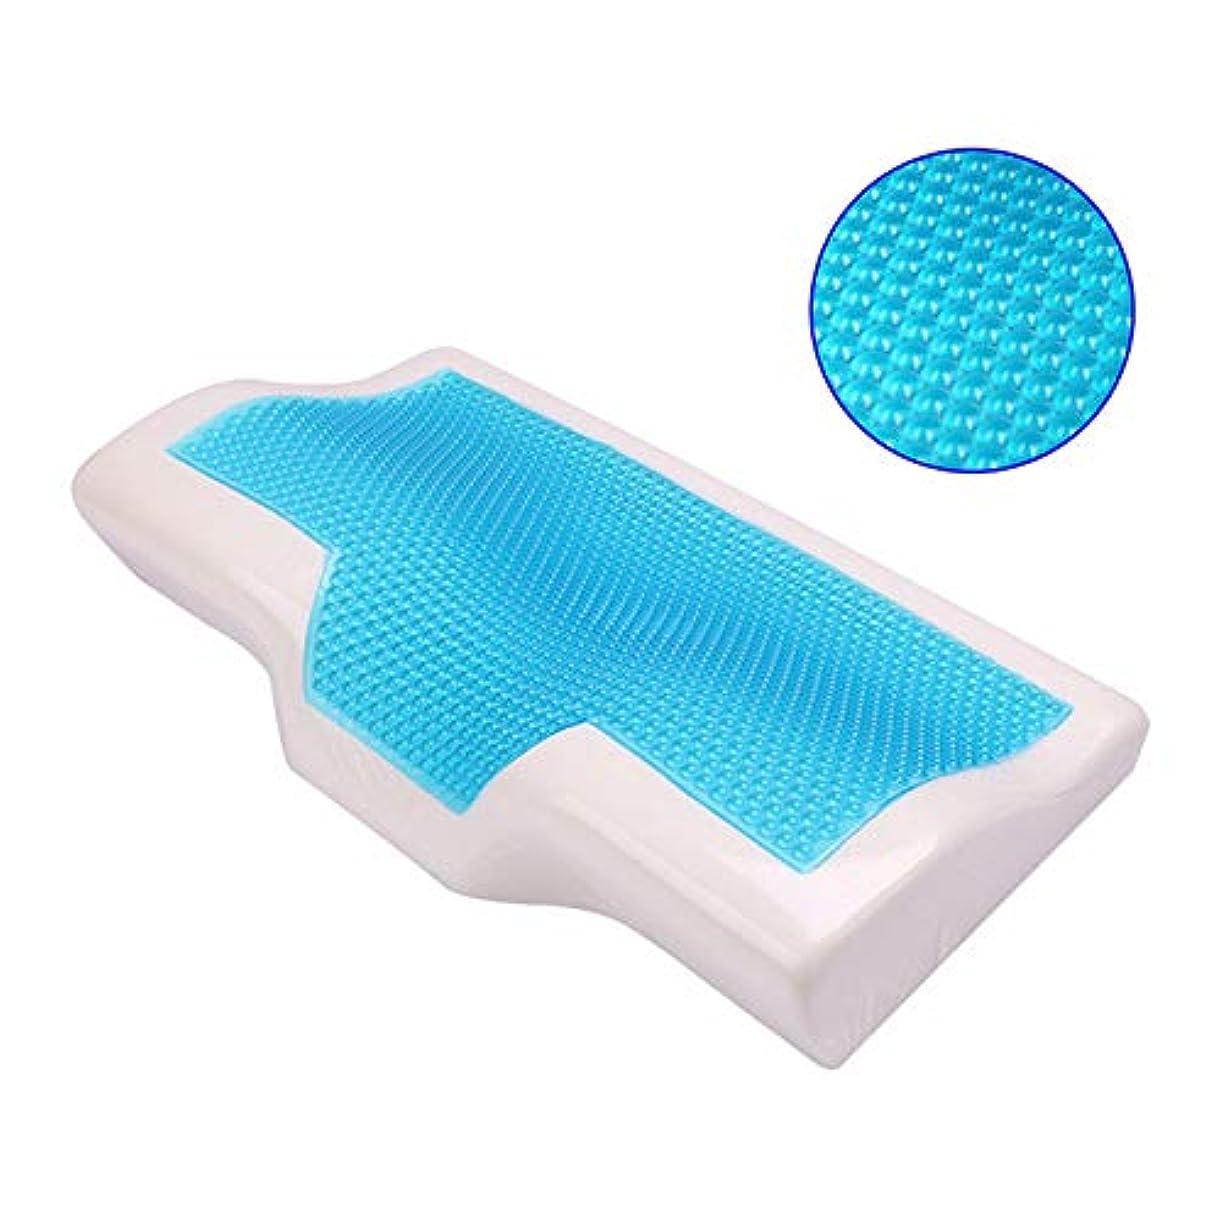 前に真実一掃する低反発枕ゲル, 睡眠の健康を促進するのを助けて首の痛みを防ぐのを助けます, 涼しい夏には, 枕カバーはきれいにすることができます(1パック)